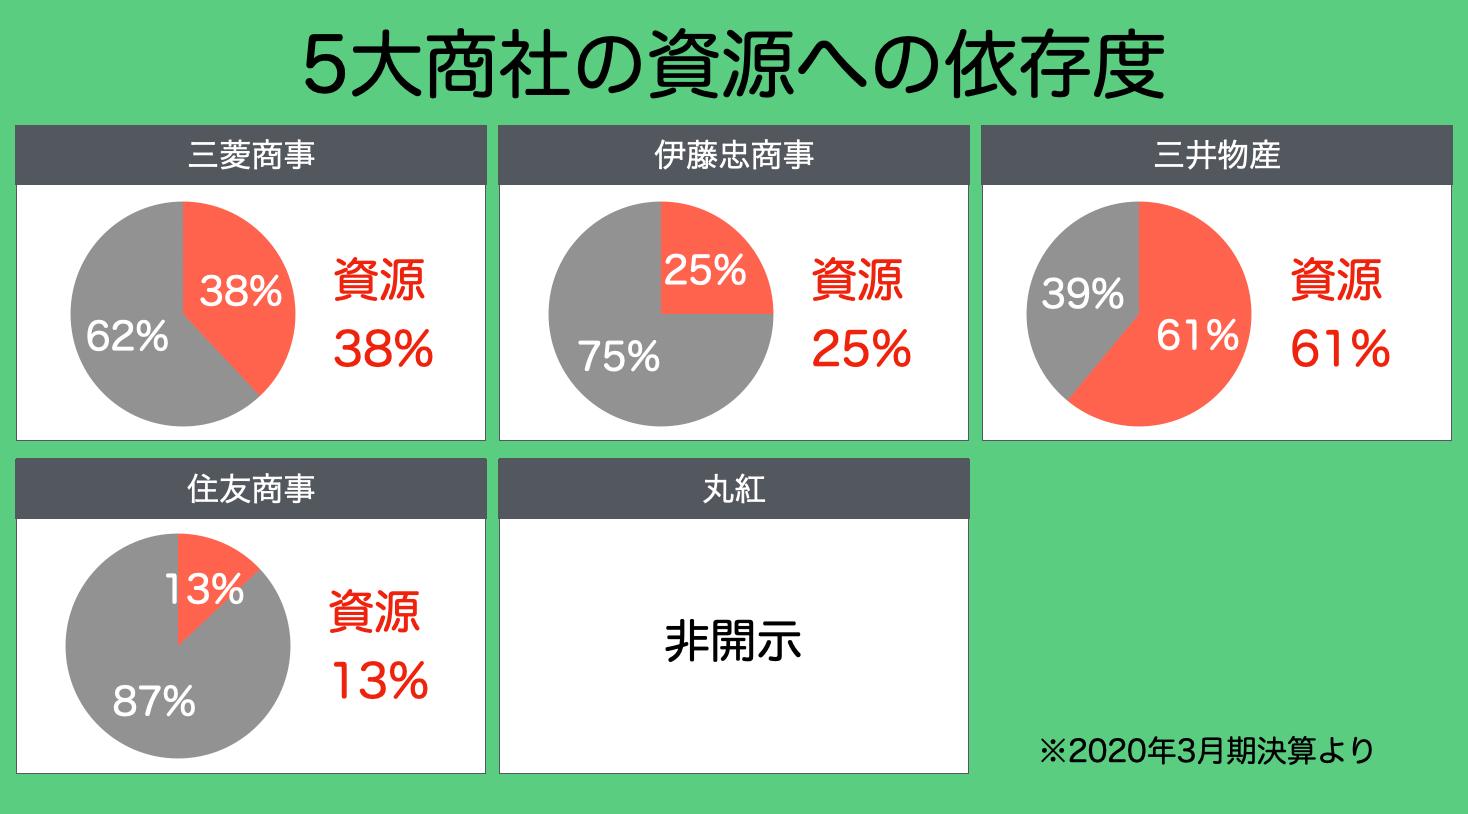 【配当株】バフェットも買った日本の五大商社についての比較・分析3